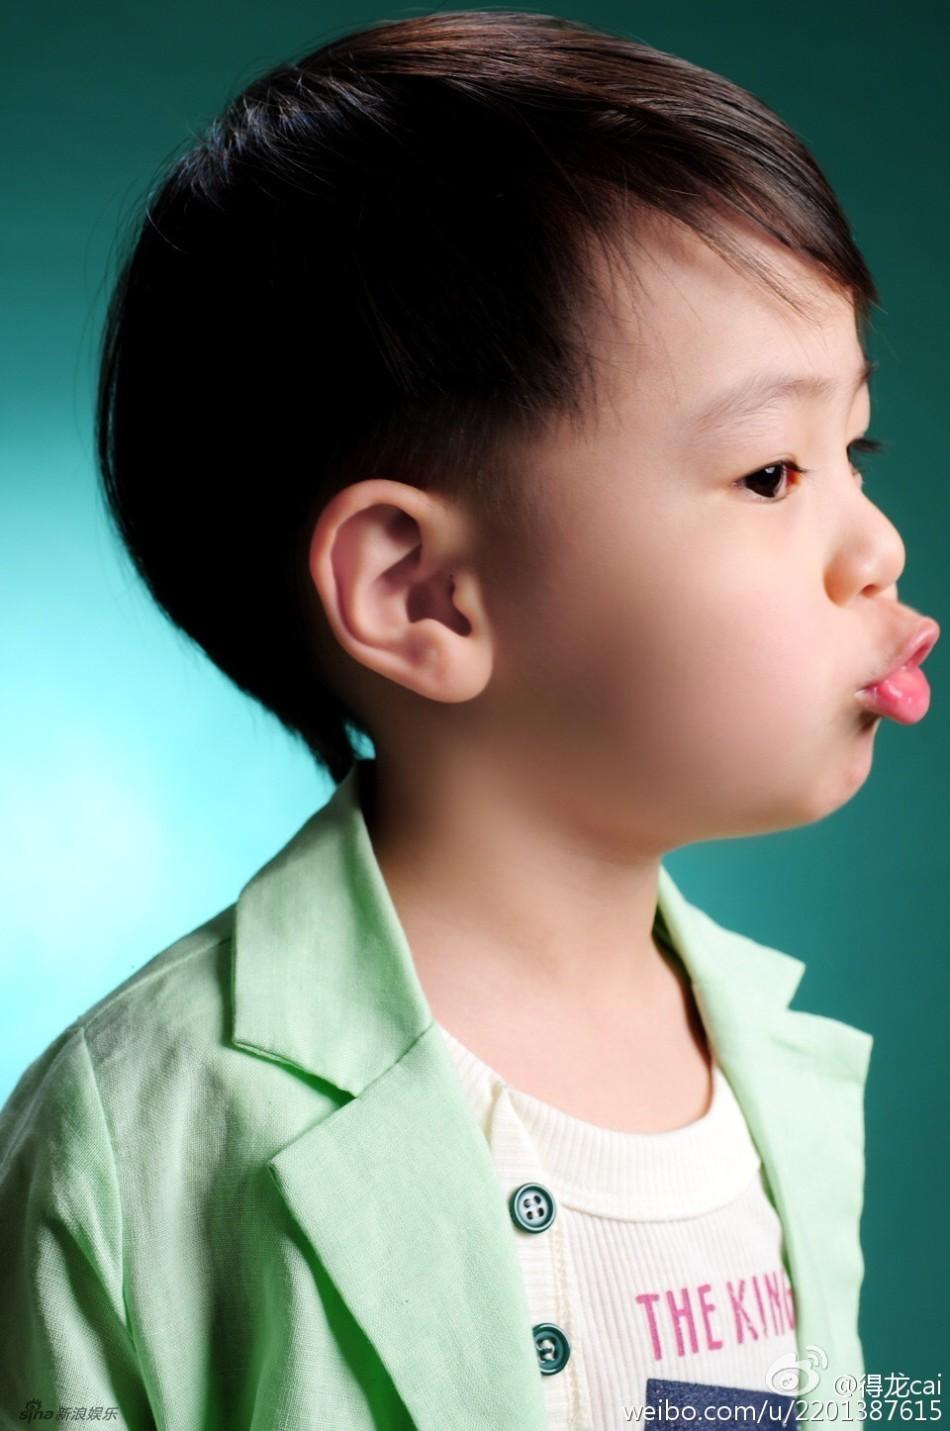 蔡国庆5岁儿子曝光 容貌清秀可爱长相像父亲